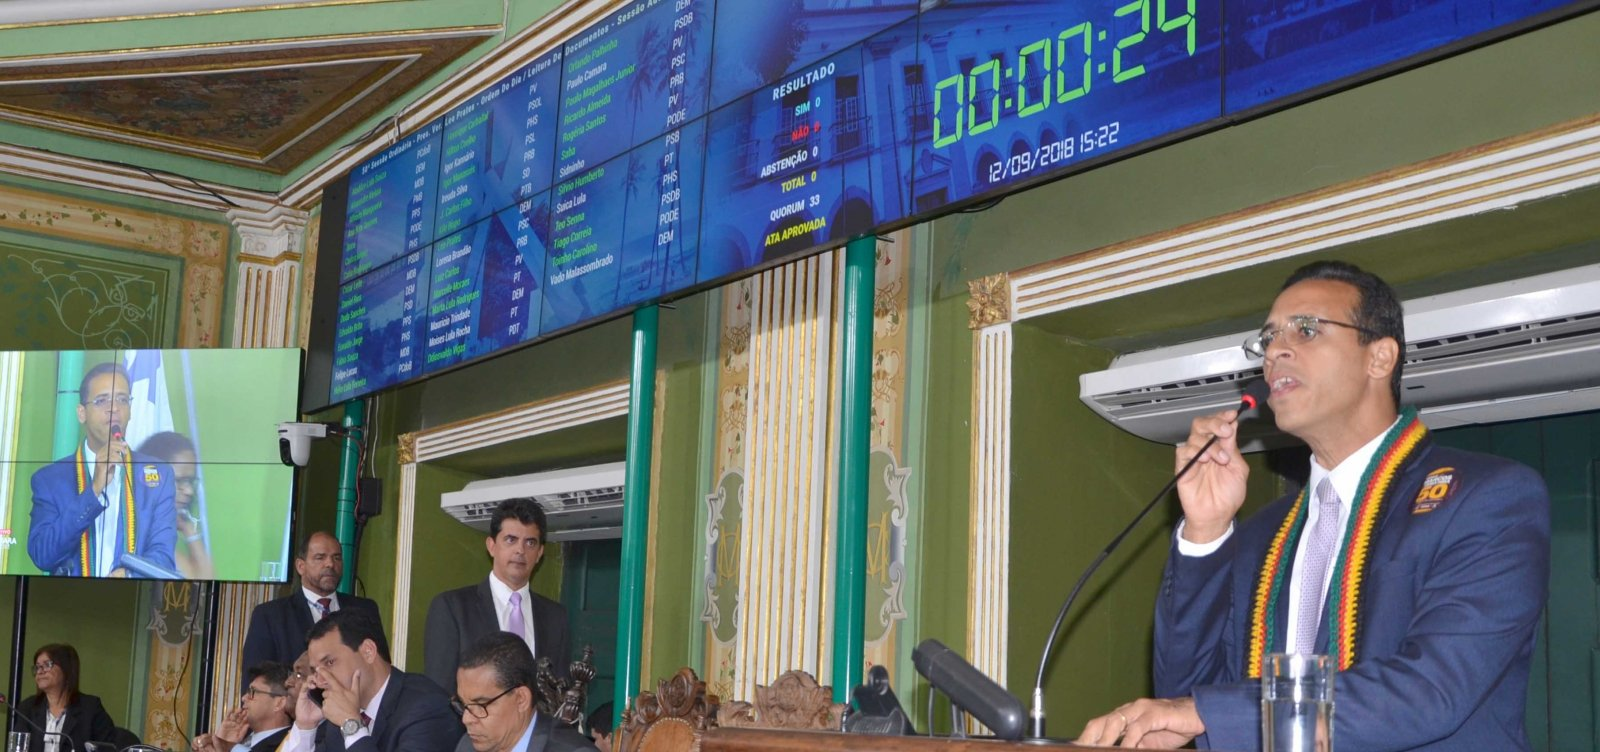 Quatro vereadores de Salvador são eleitos e suplentes vão assumir